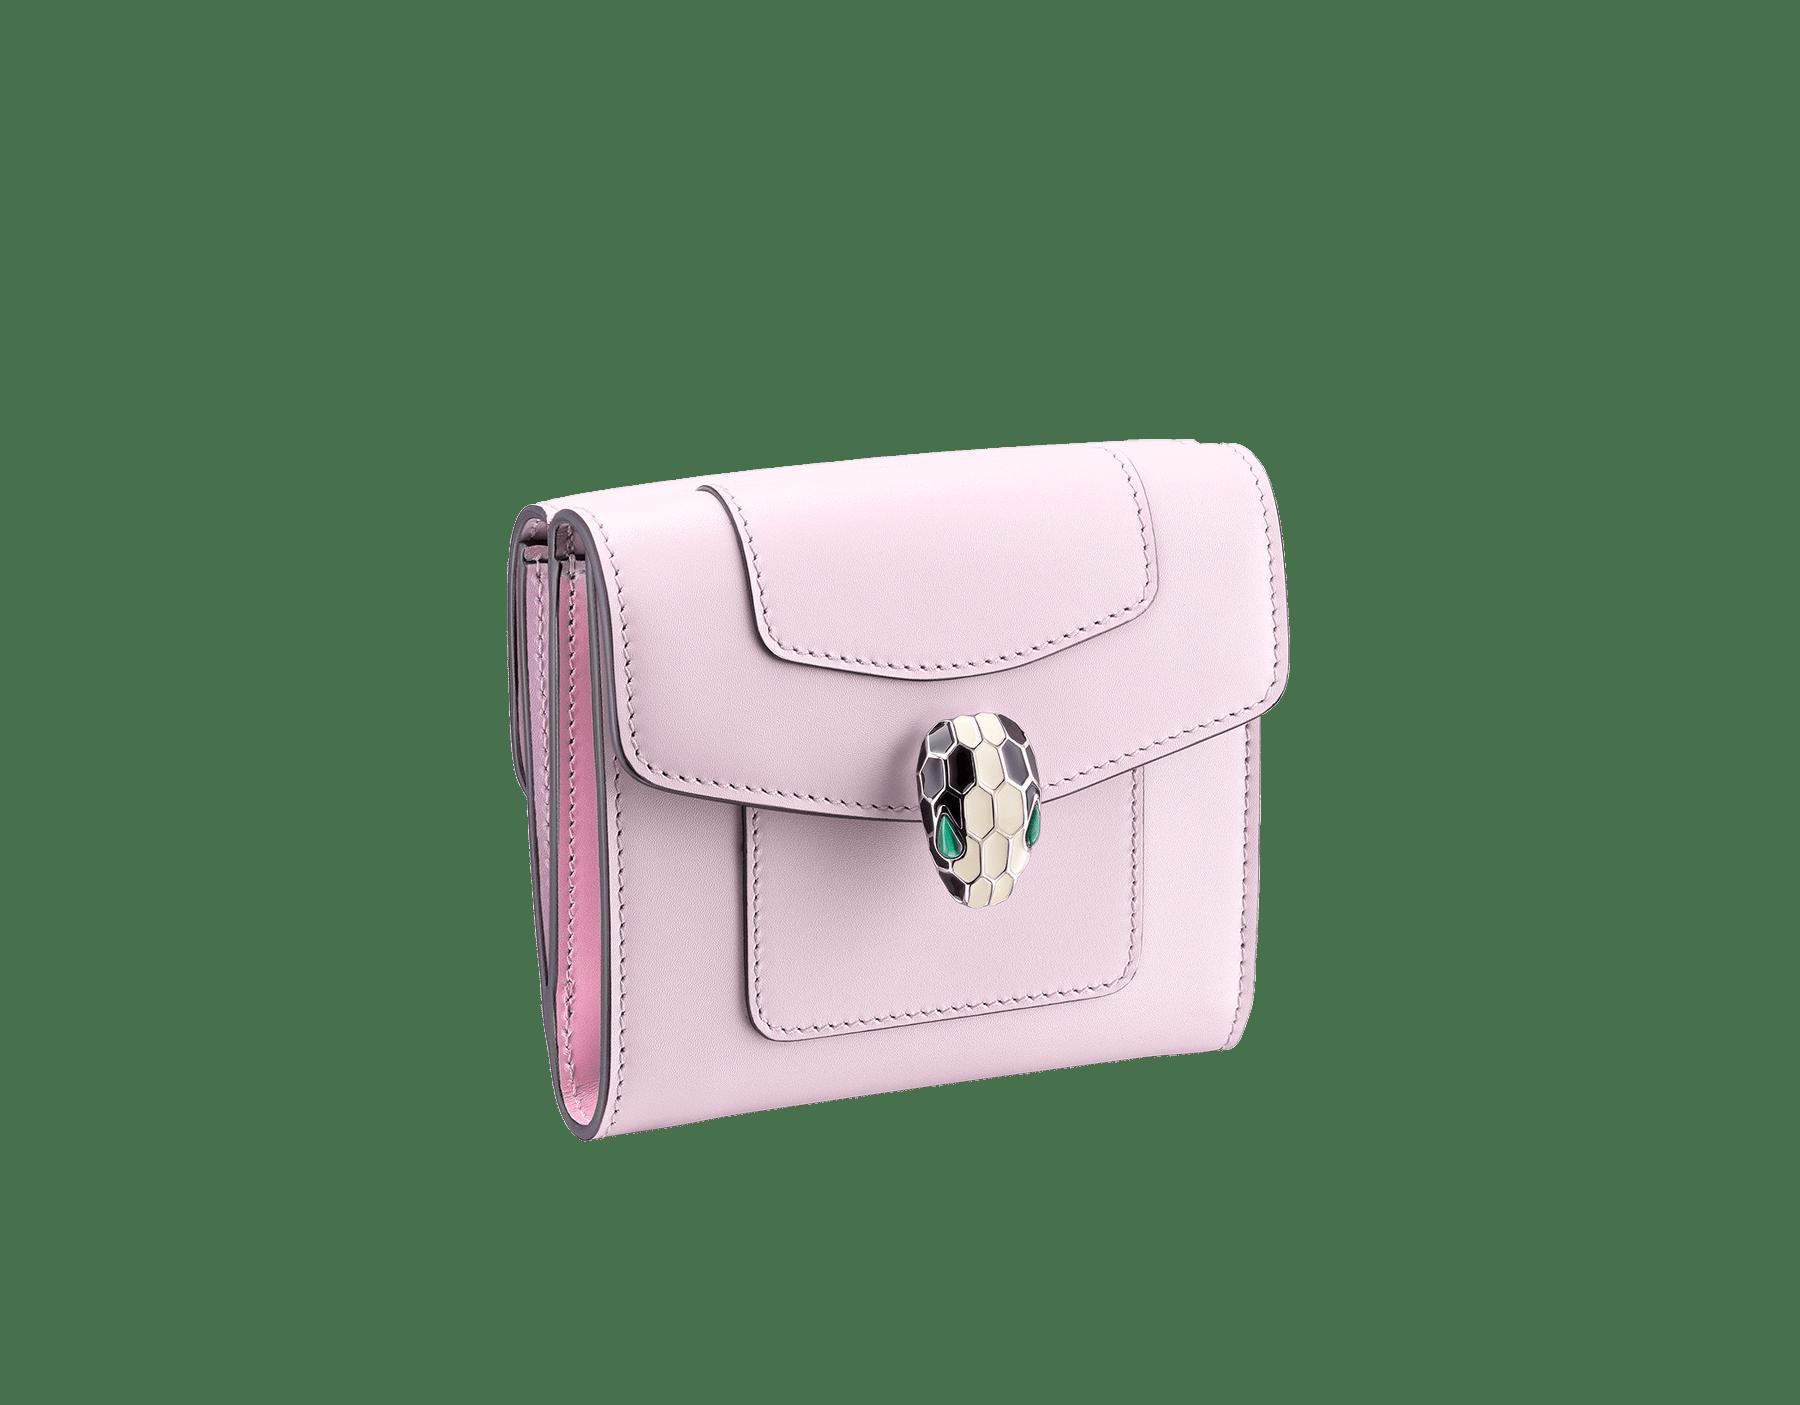 Portefeuille compact carré Serpenti Forever en cuir de veau couleur Sea Star Coral et Pink Spinel. Bijou Serpenti emblématique en émail noir et blanc avec yeux en malachite. SEA-WLT-COMPACT-3Fb image 1